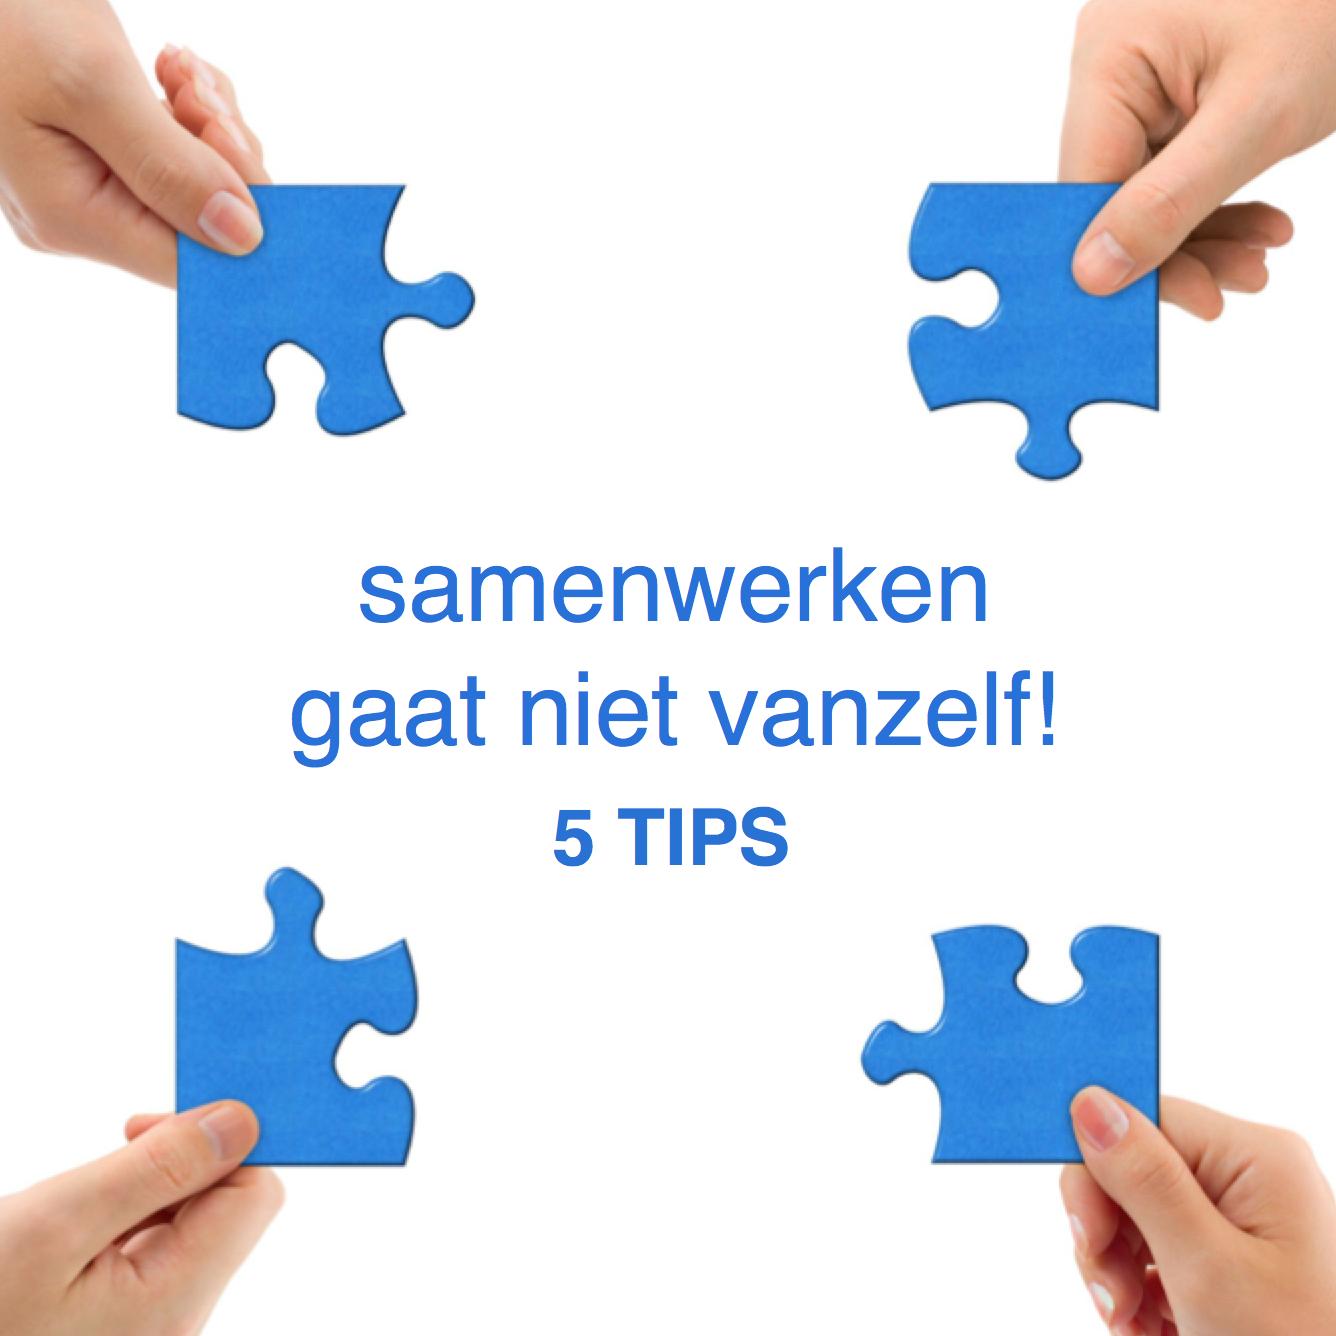 samenwerken-gaat-niet-vanzelf-5-tips-CT2.-nl